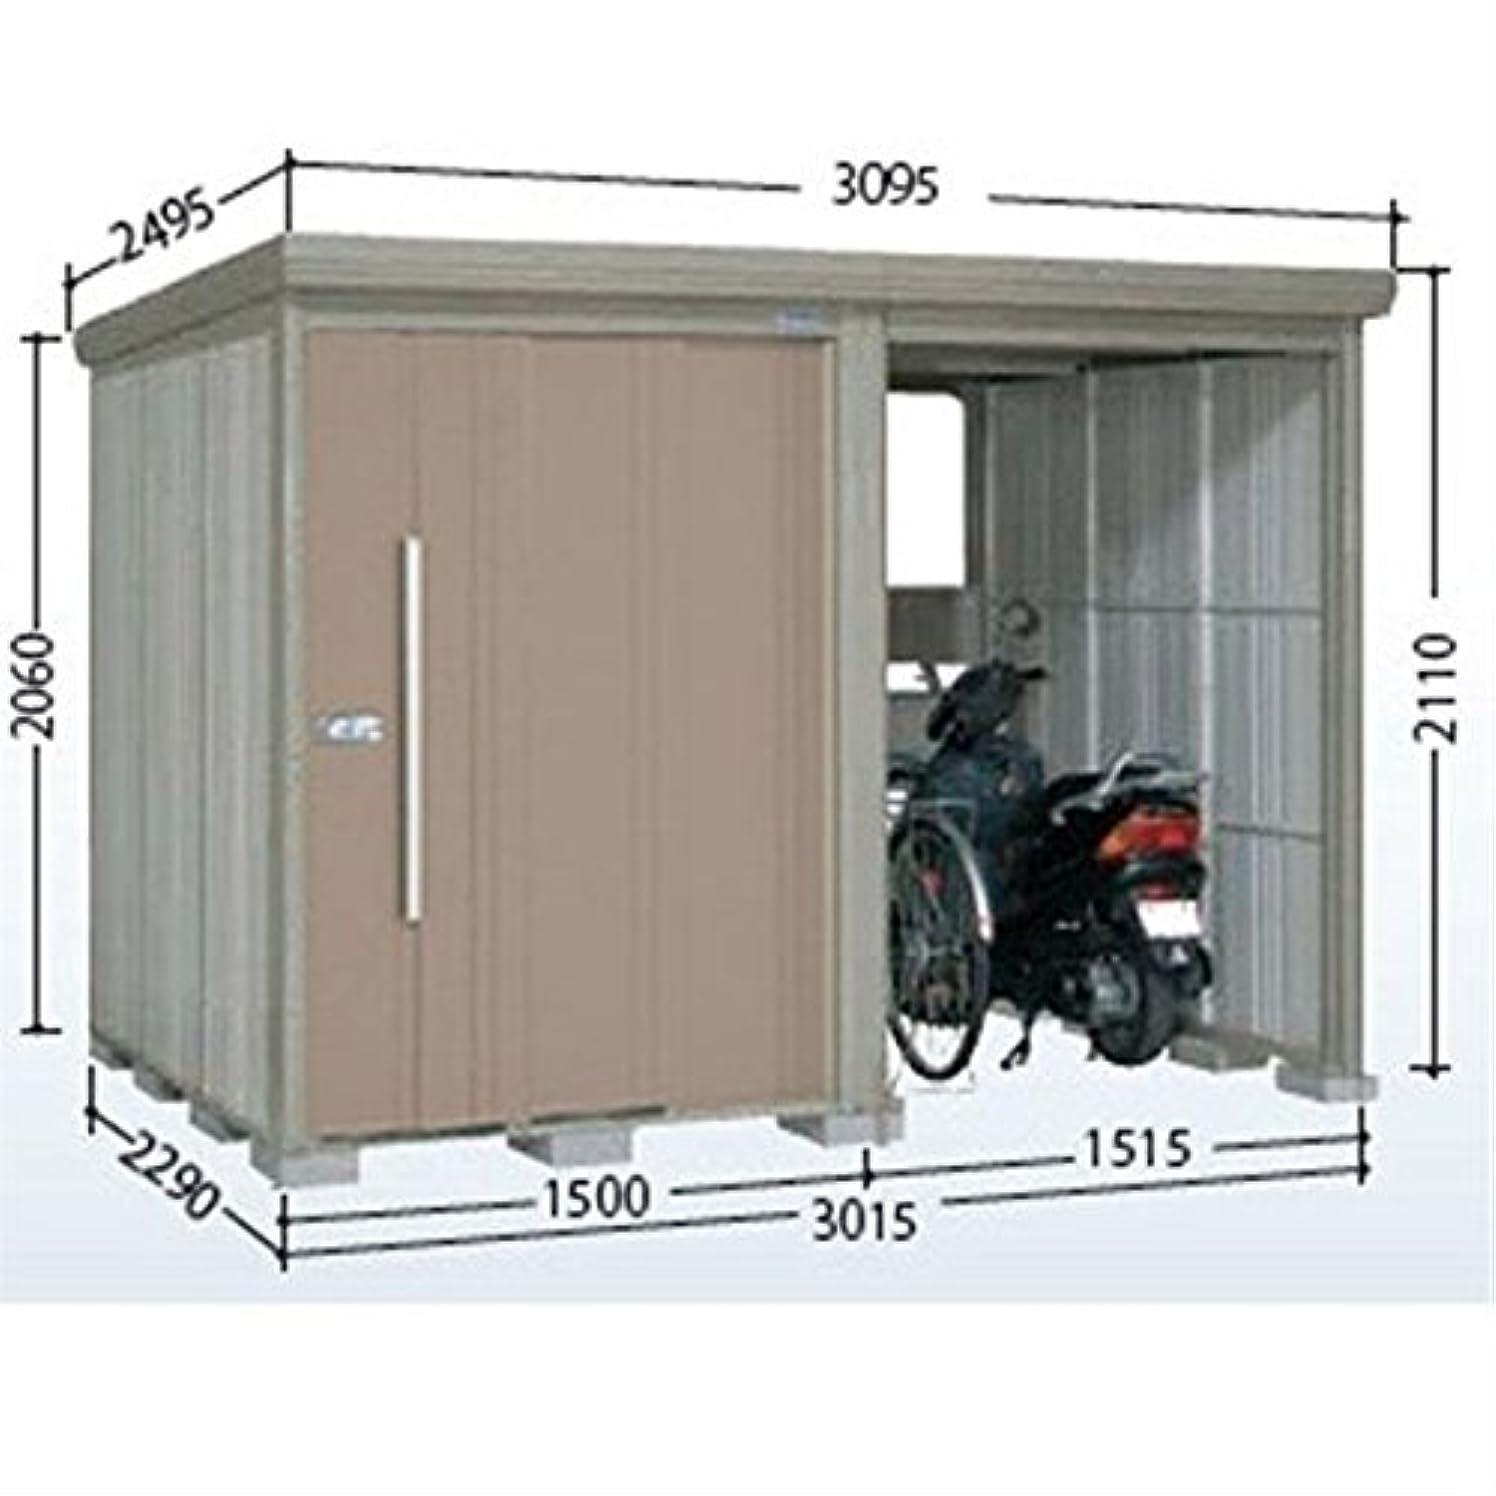 歩行者ふくろう登場タクボ物置 TP/ストックマンプラスアルファ TP-3022 一般型 標準屋根 『駐輪スペース付 屋外用 物置 自転車収納 におすすめ』 カーボンブラウン